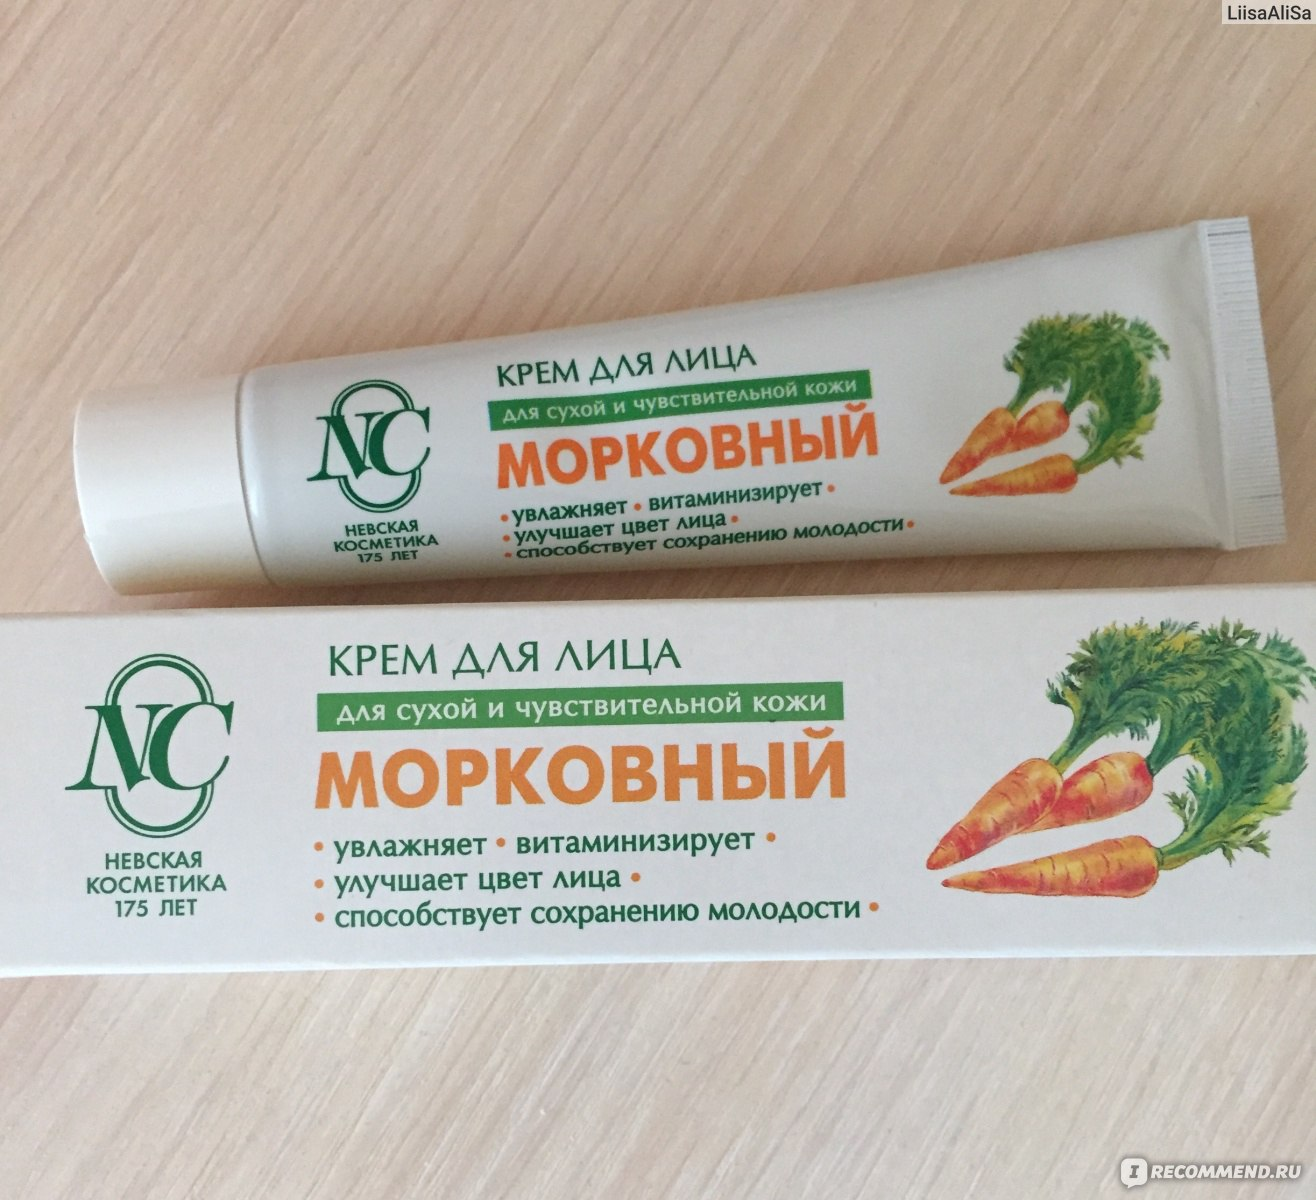 морковный крем невская косметика купить